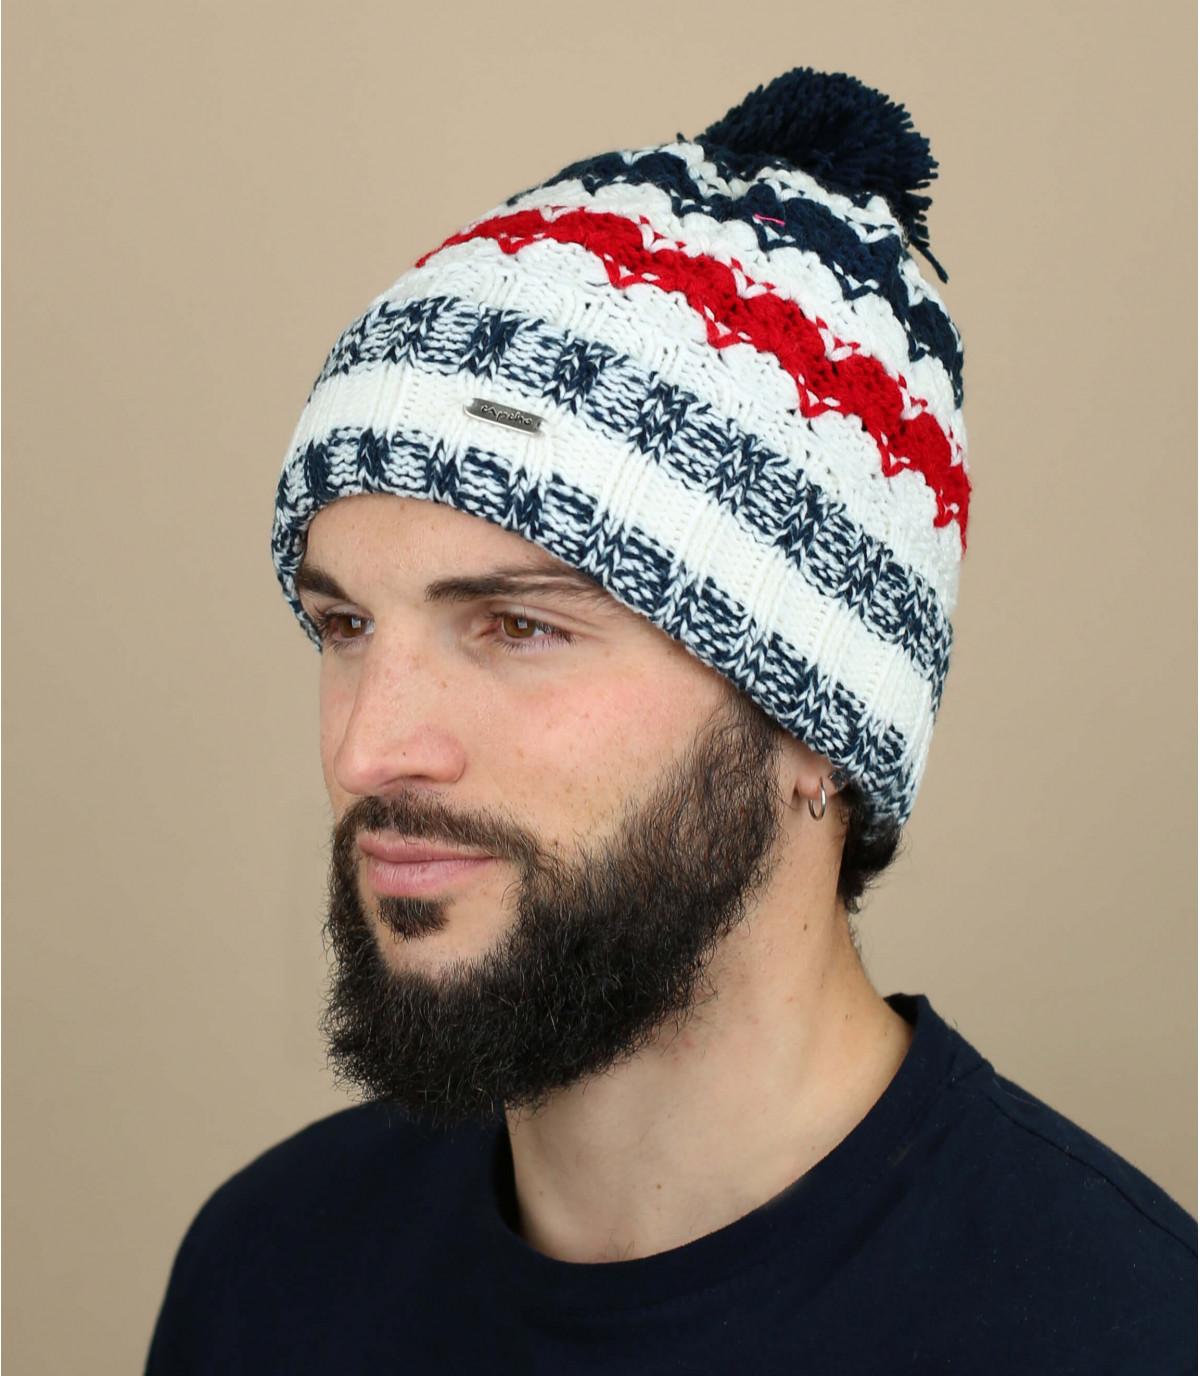 cappello rosso nappa blu bianco